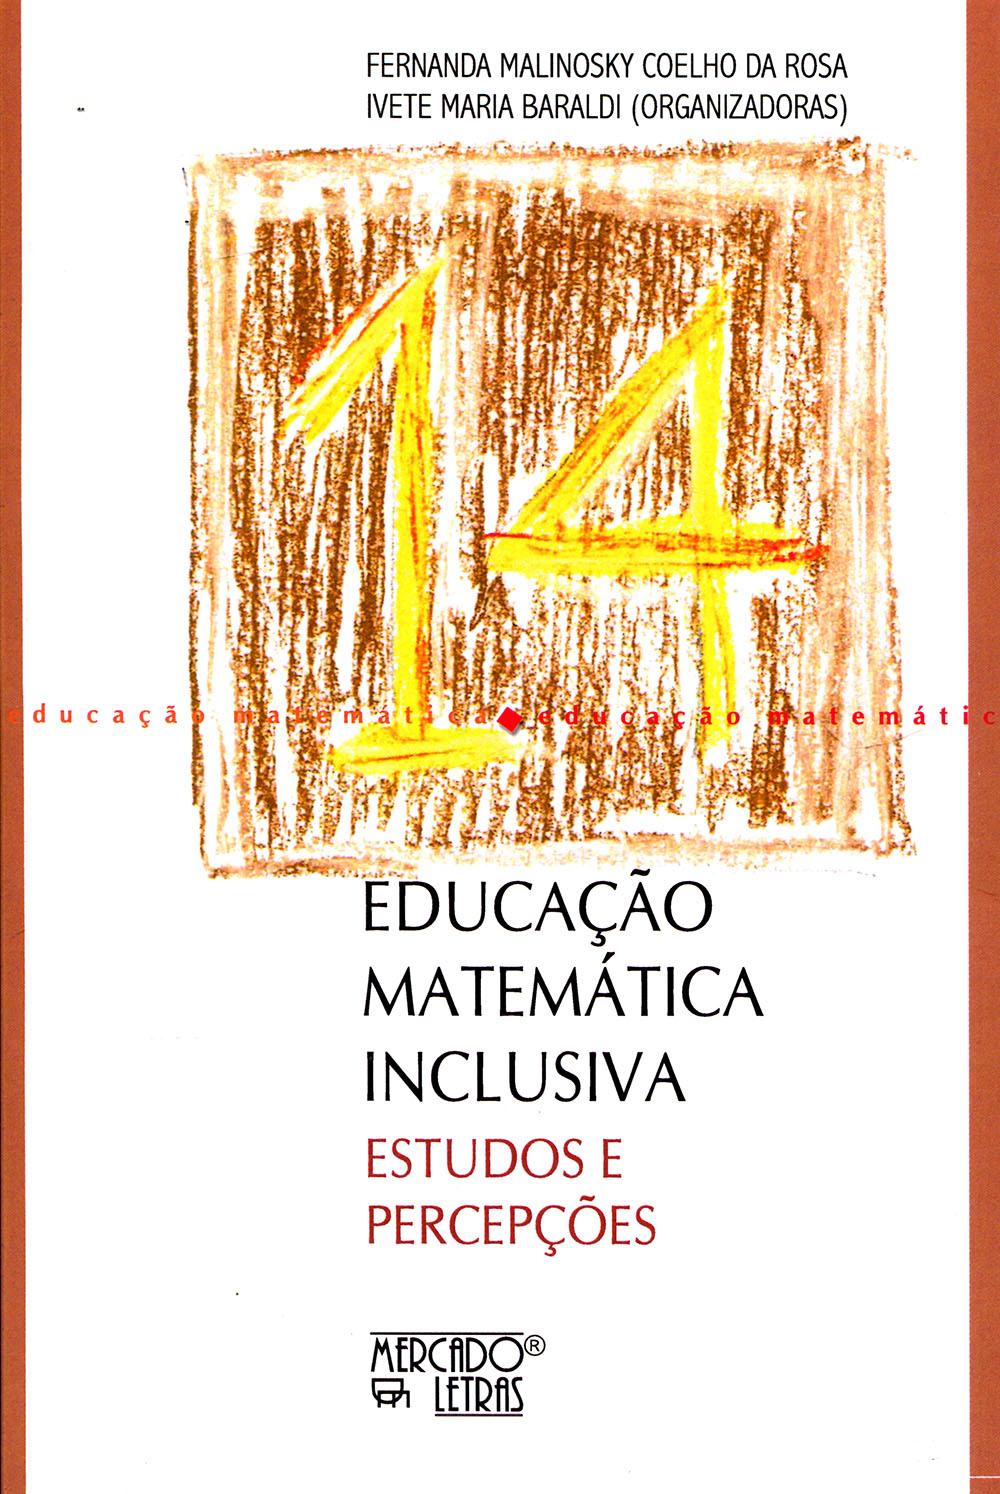 Educação Matemática Inclusiva - Estudos e Percepções, livro de Fernanda Malinosky Coelho da Rosa, Ivete Maria Baraldi